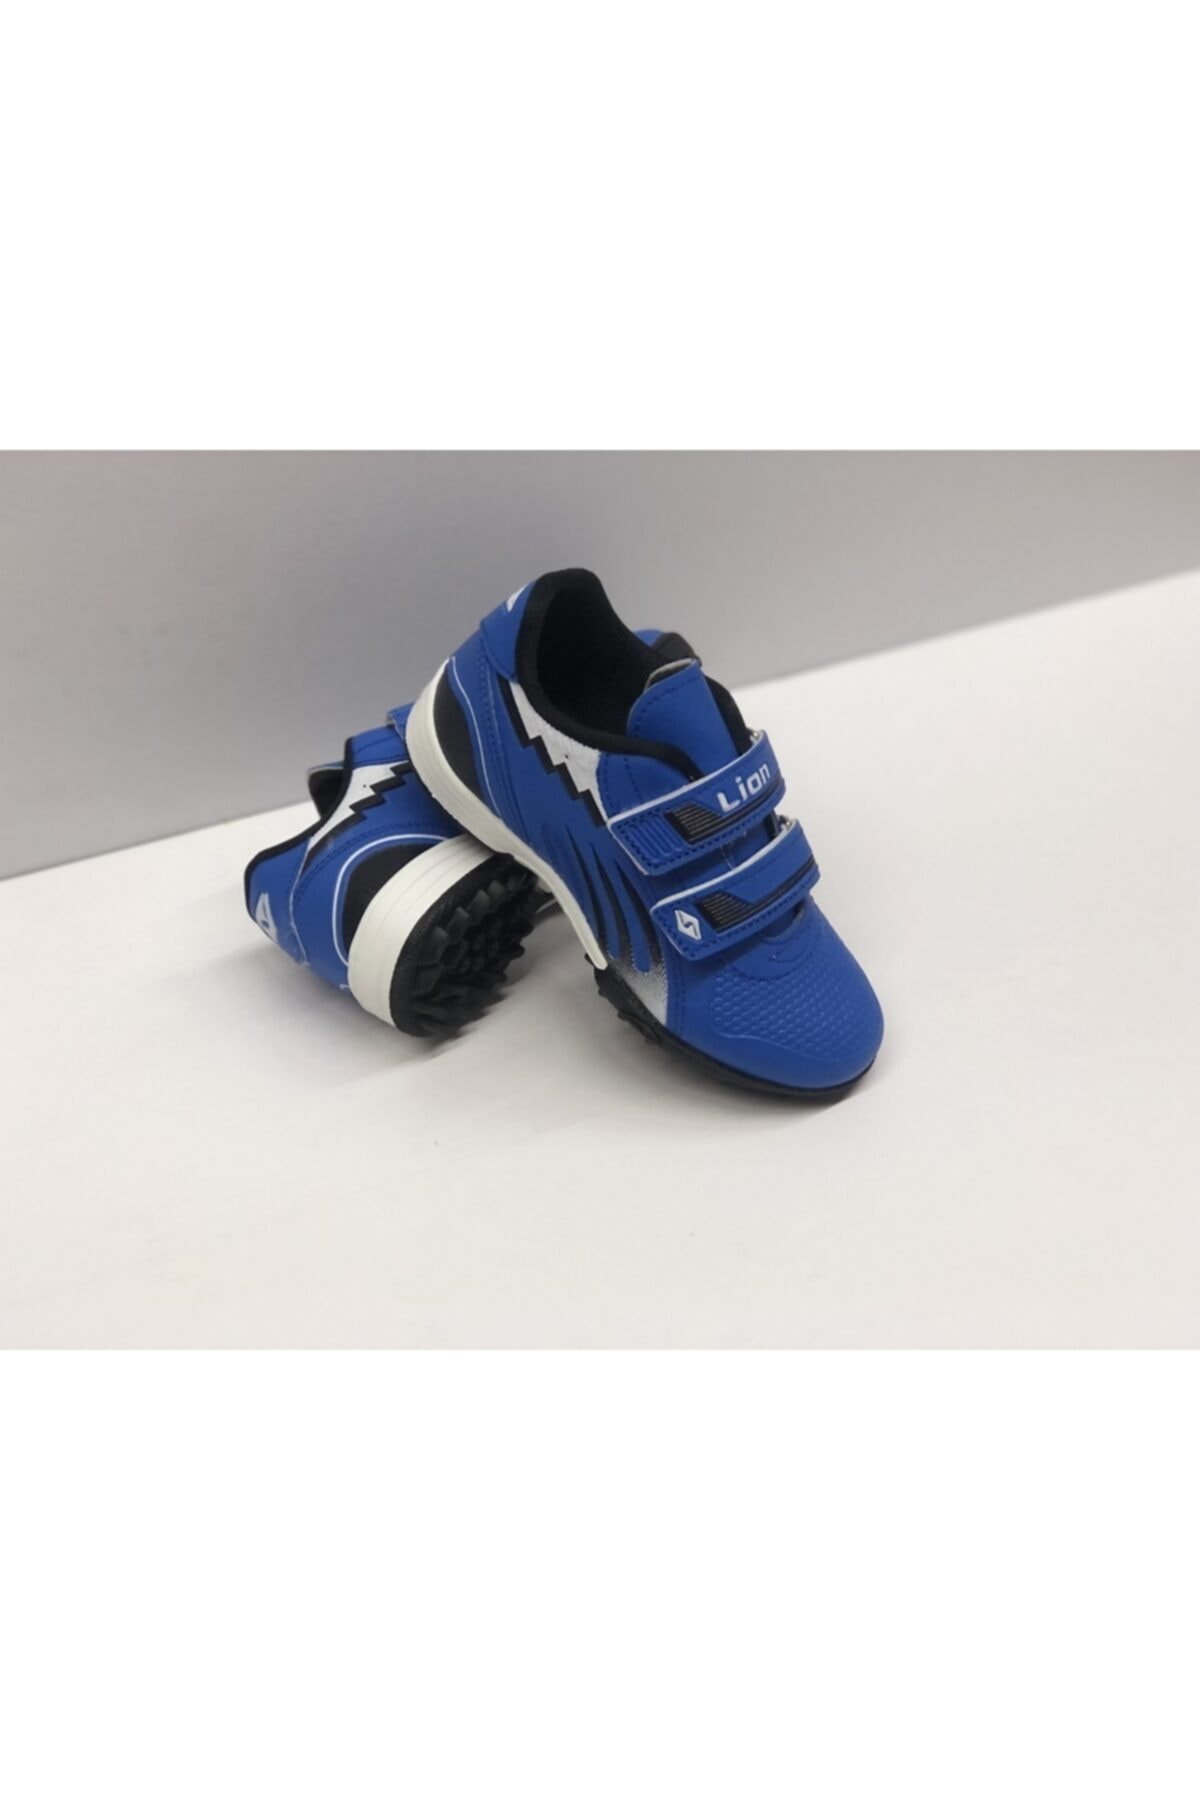 Lion Çocuk Top Ayakkabısı Halısaha Spor 2